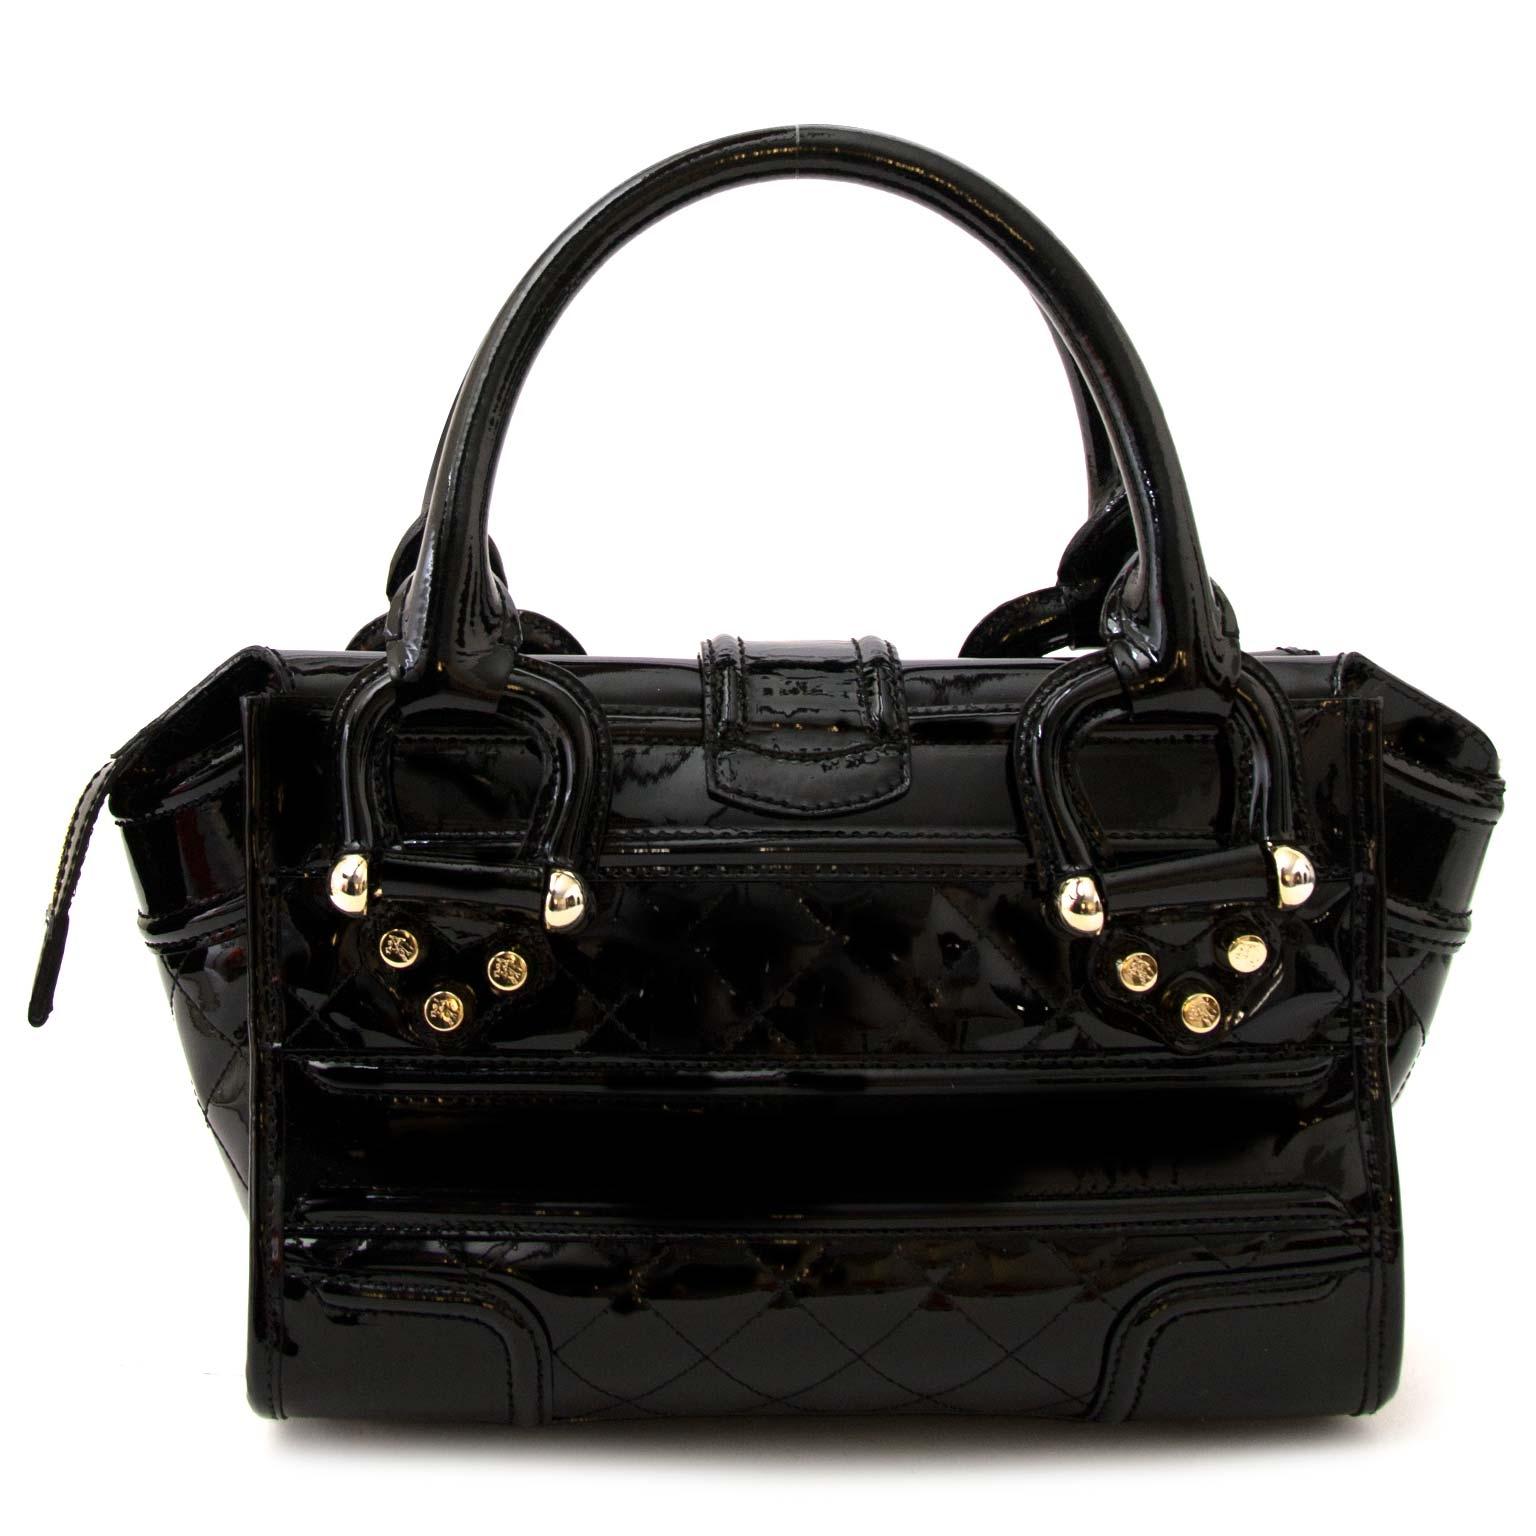 koop Burberry Black Patent Leather Handbag aan de beste prijs bij labellov.com